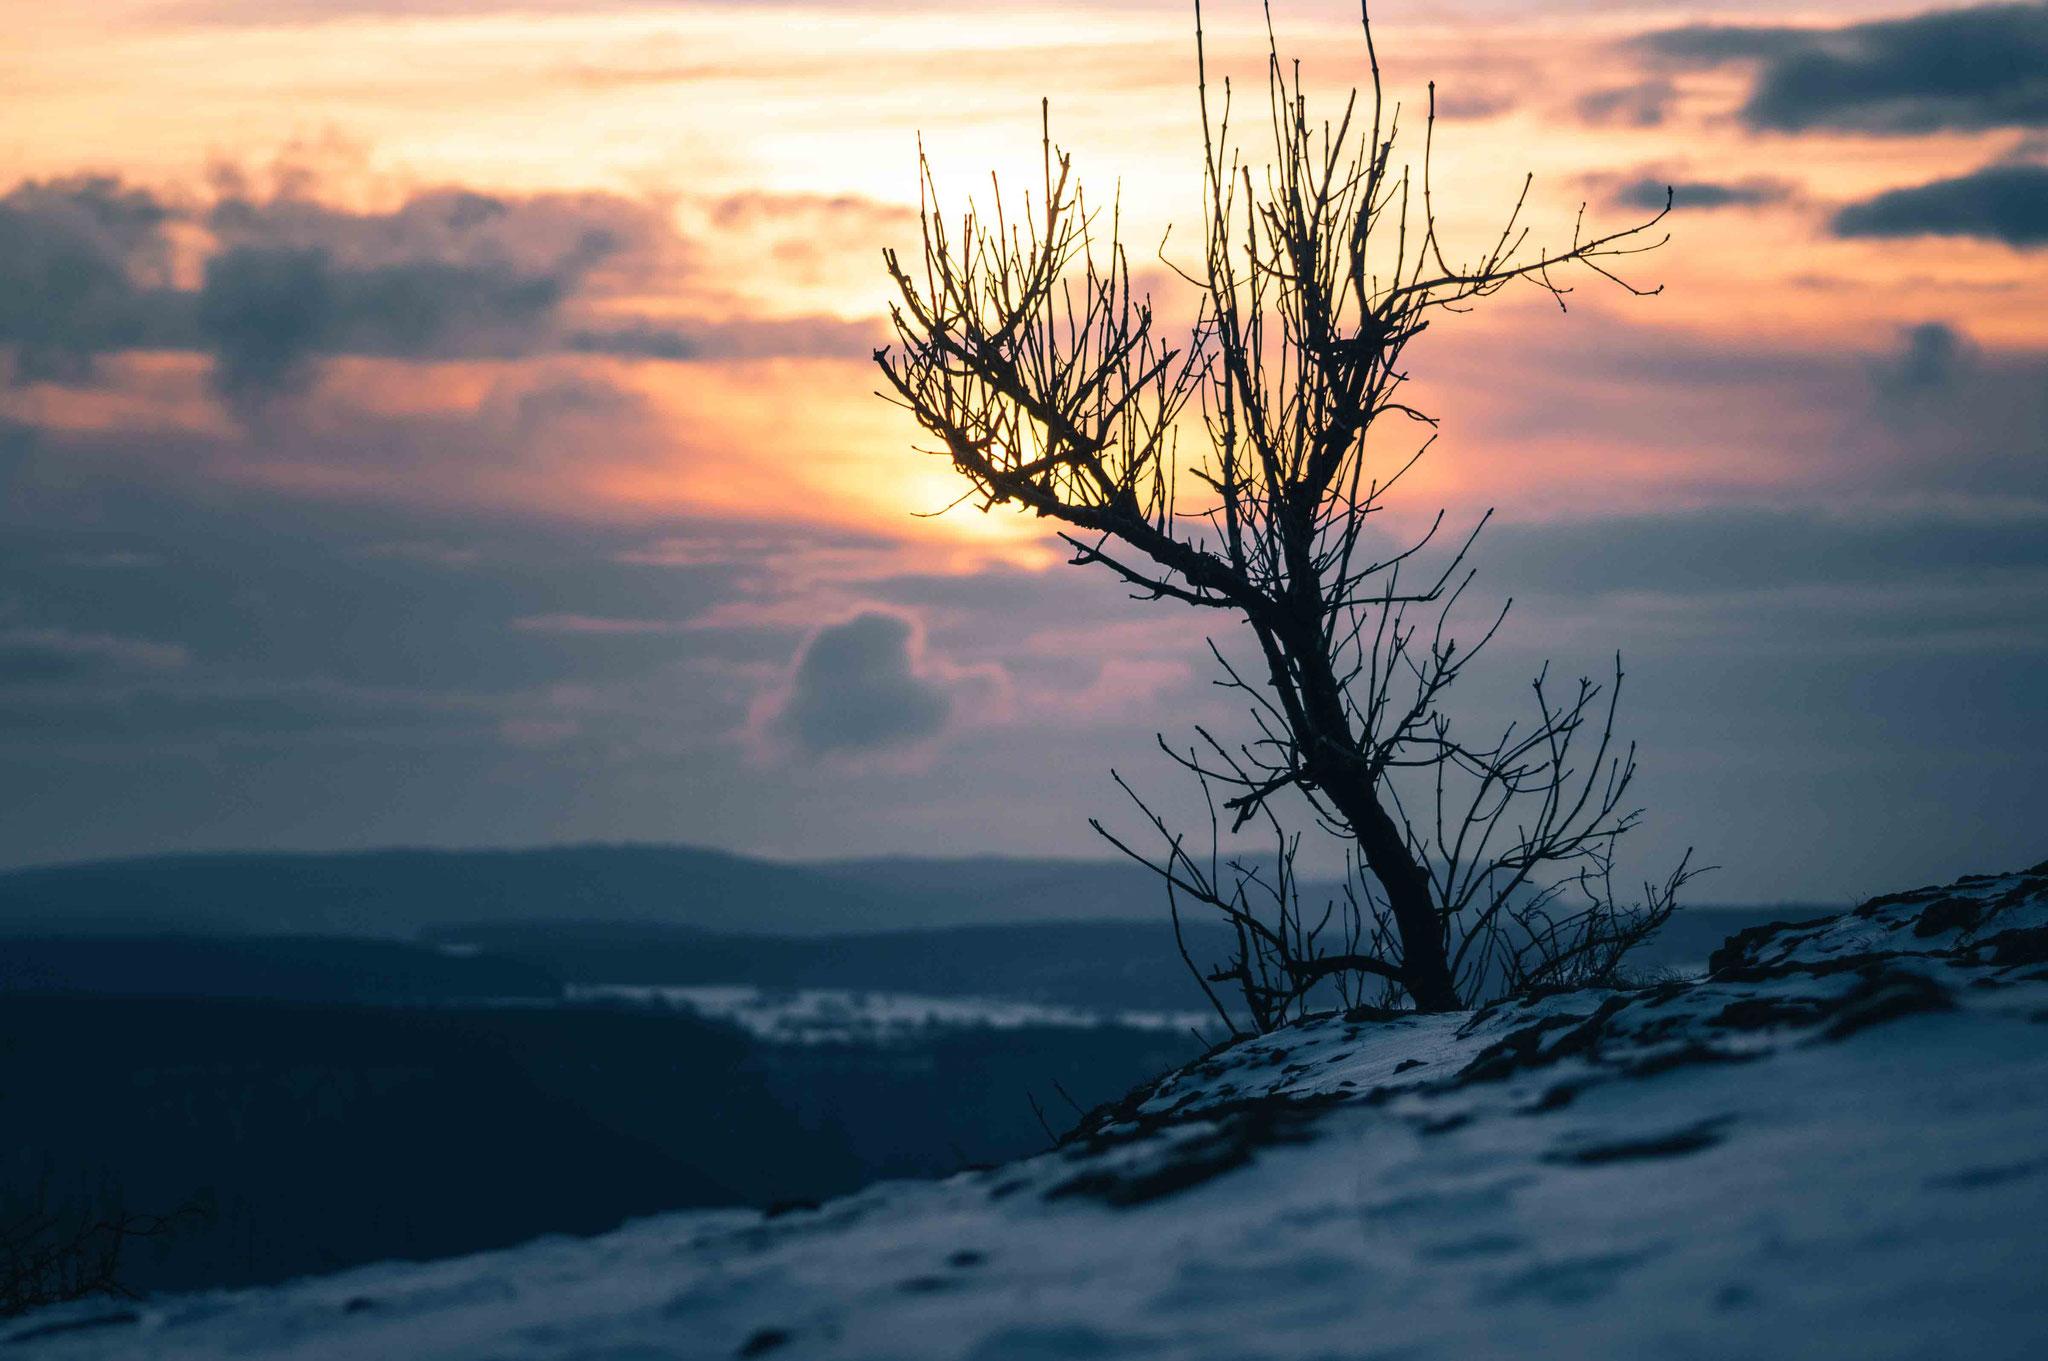 Baumshilouette bei Sonnenuntergang; Breitenstein